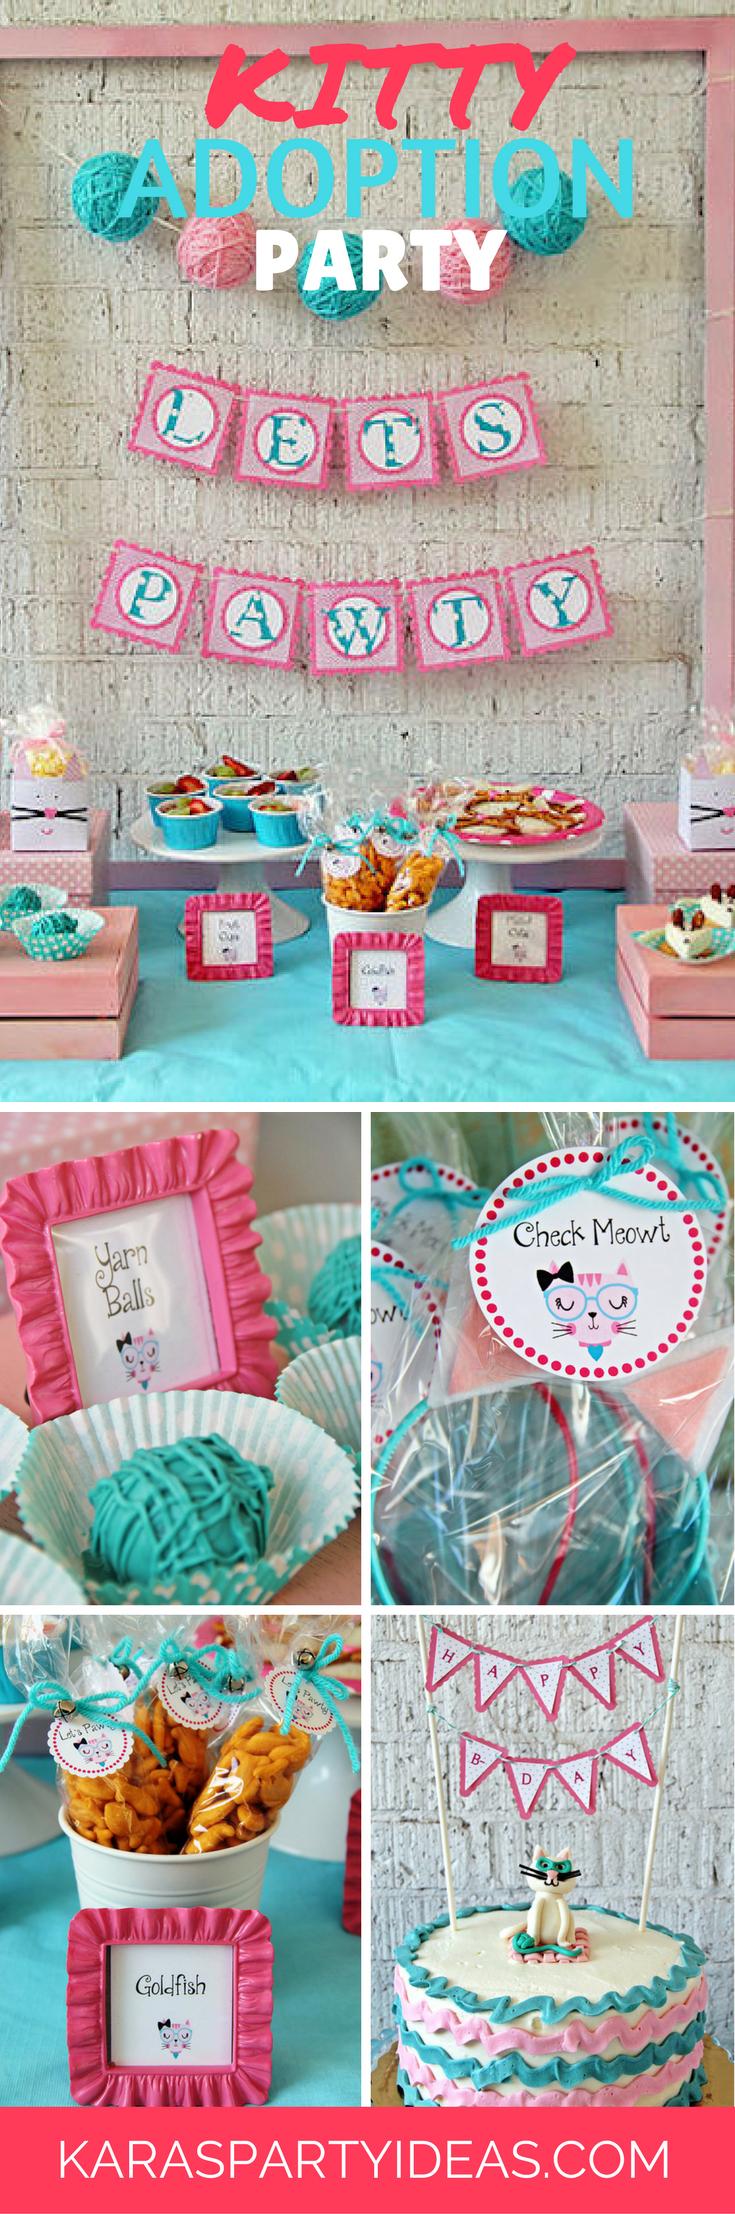 Tea time tea birthday party via kara s party ideas karaspartyideas com - Kitty Adoption Party Via Kara S Party Ideas Karaspartyideas Com